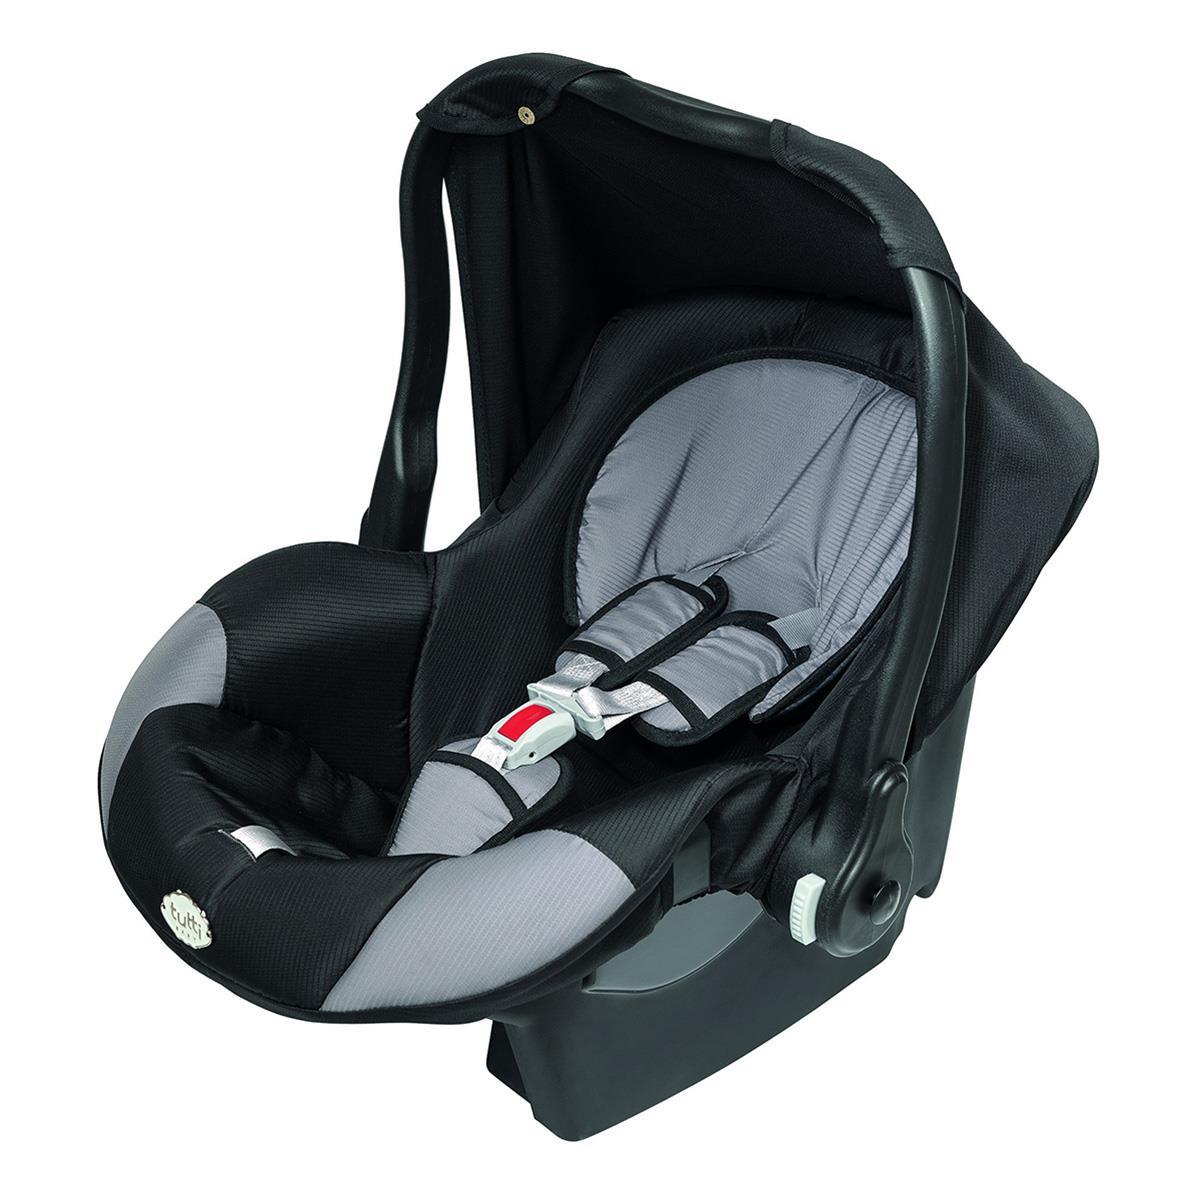 Bebê Conforto Nino Com Capota Upper Até 13 Kg Preto Tutti Baby